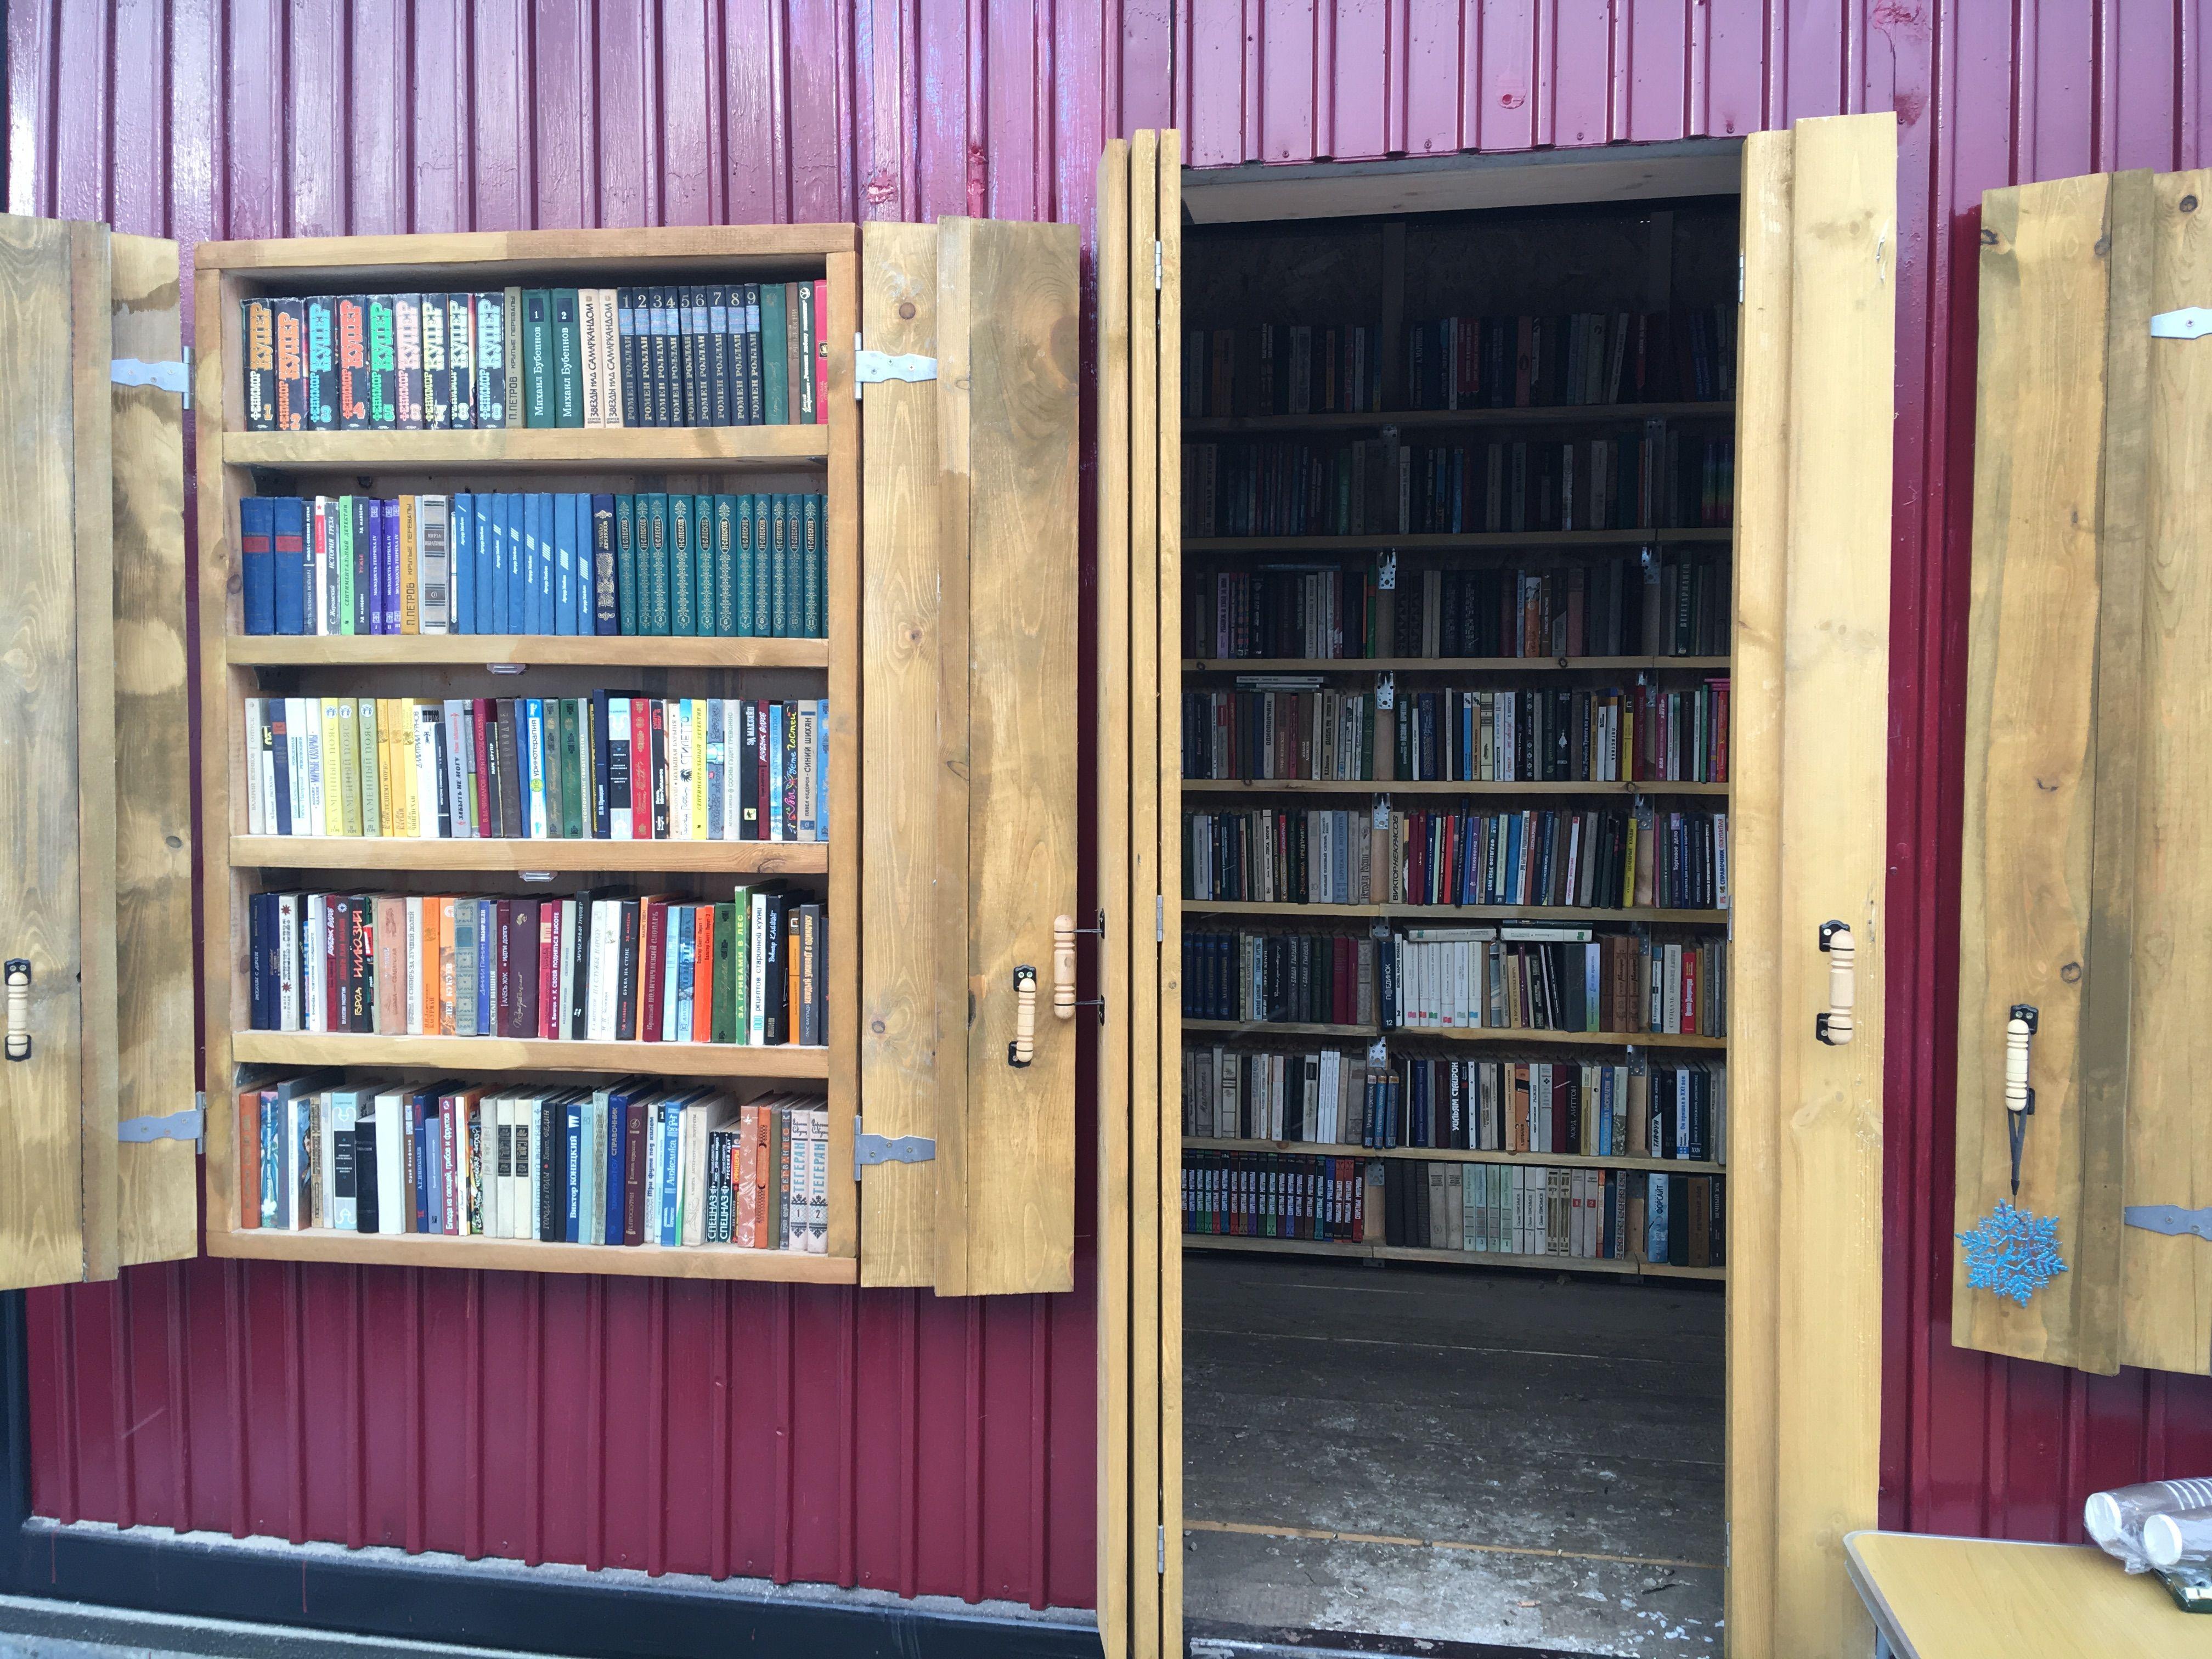 Приют для книг. В Иркутске